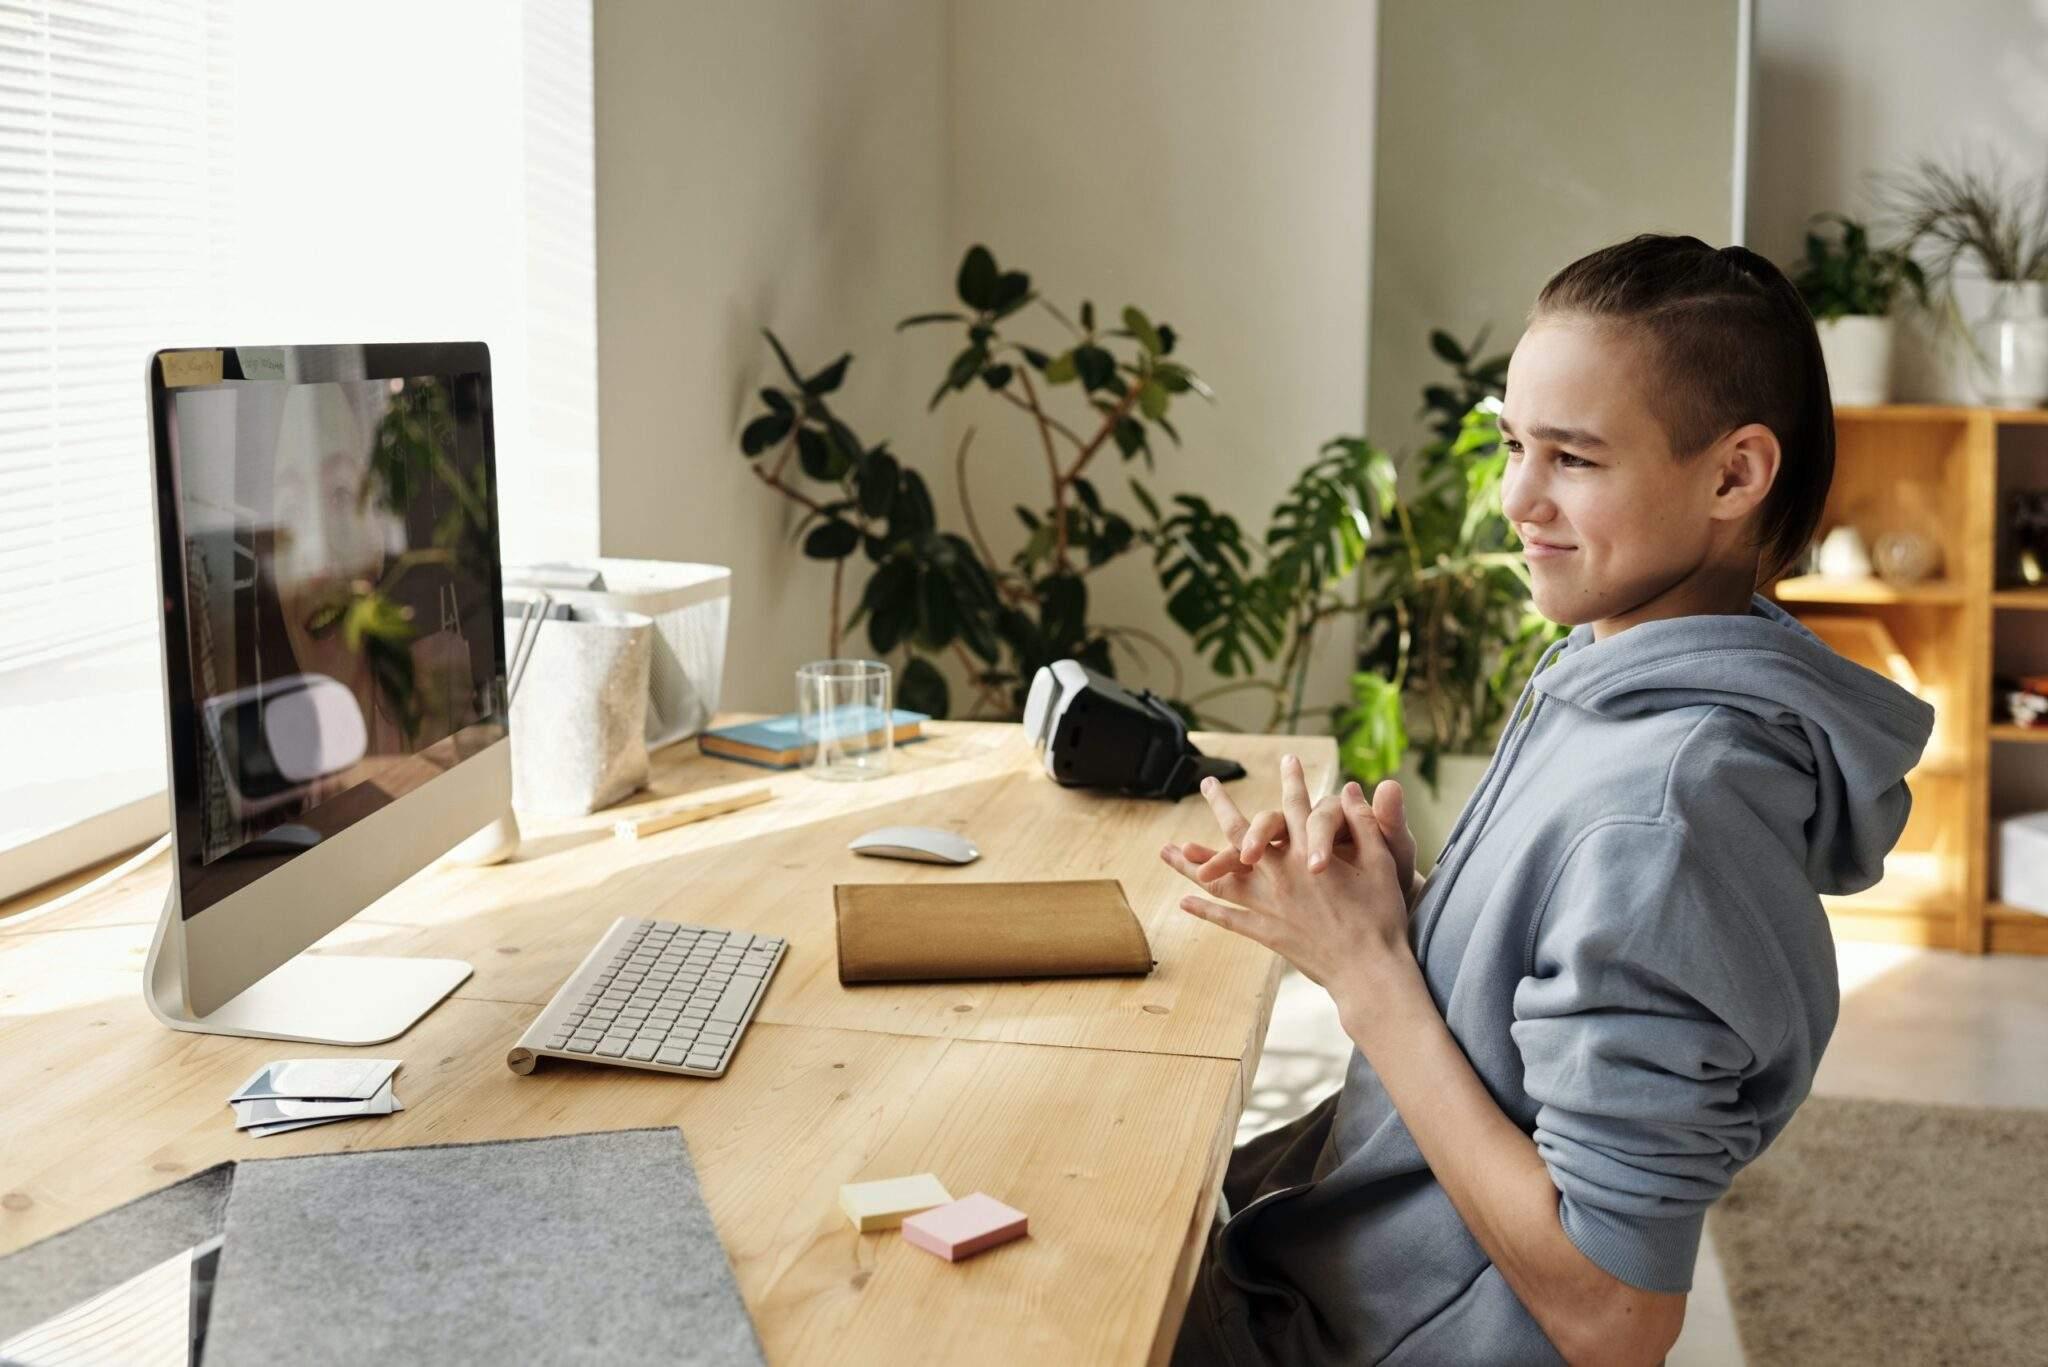 Jeune Élève apprenant devant ecran d'ordinateur